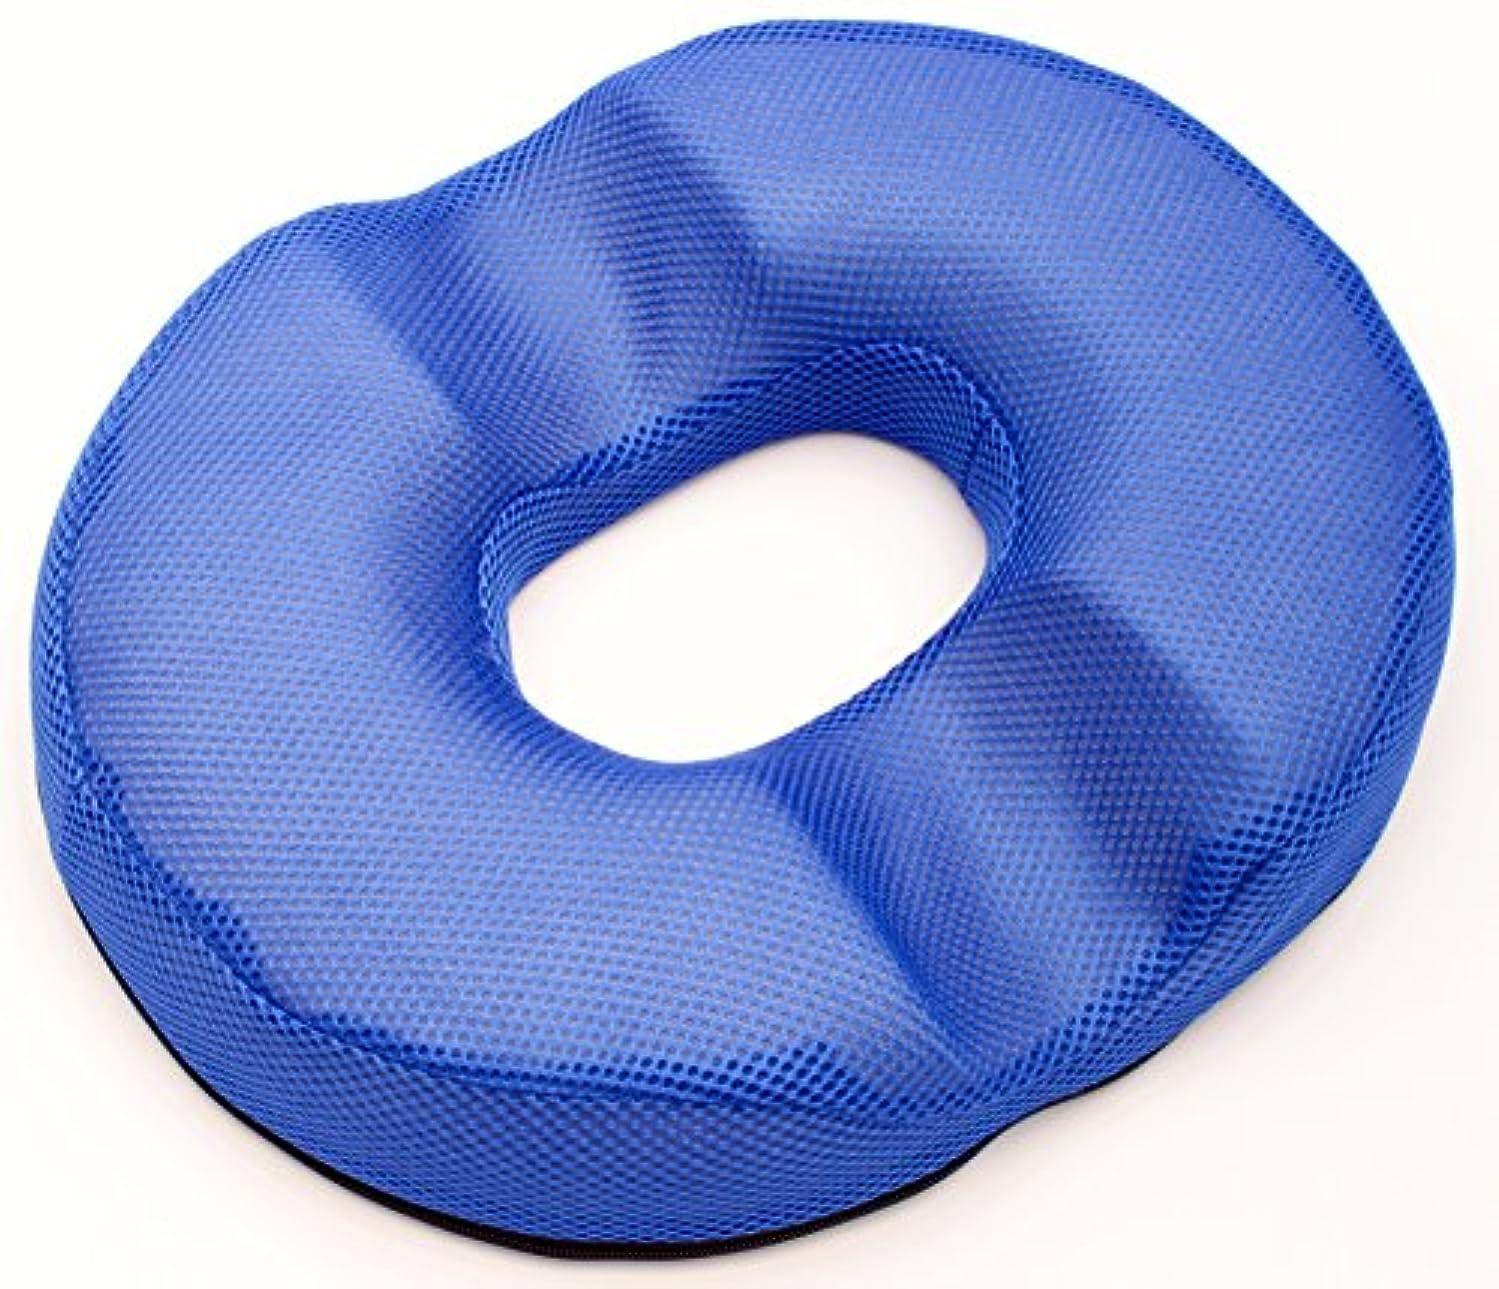 パイント委員会白い円座 ちょっと硬め ドーナツ型 クッション メッシュ?スウェード (ブルー(ダブル溝))